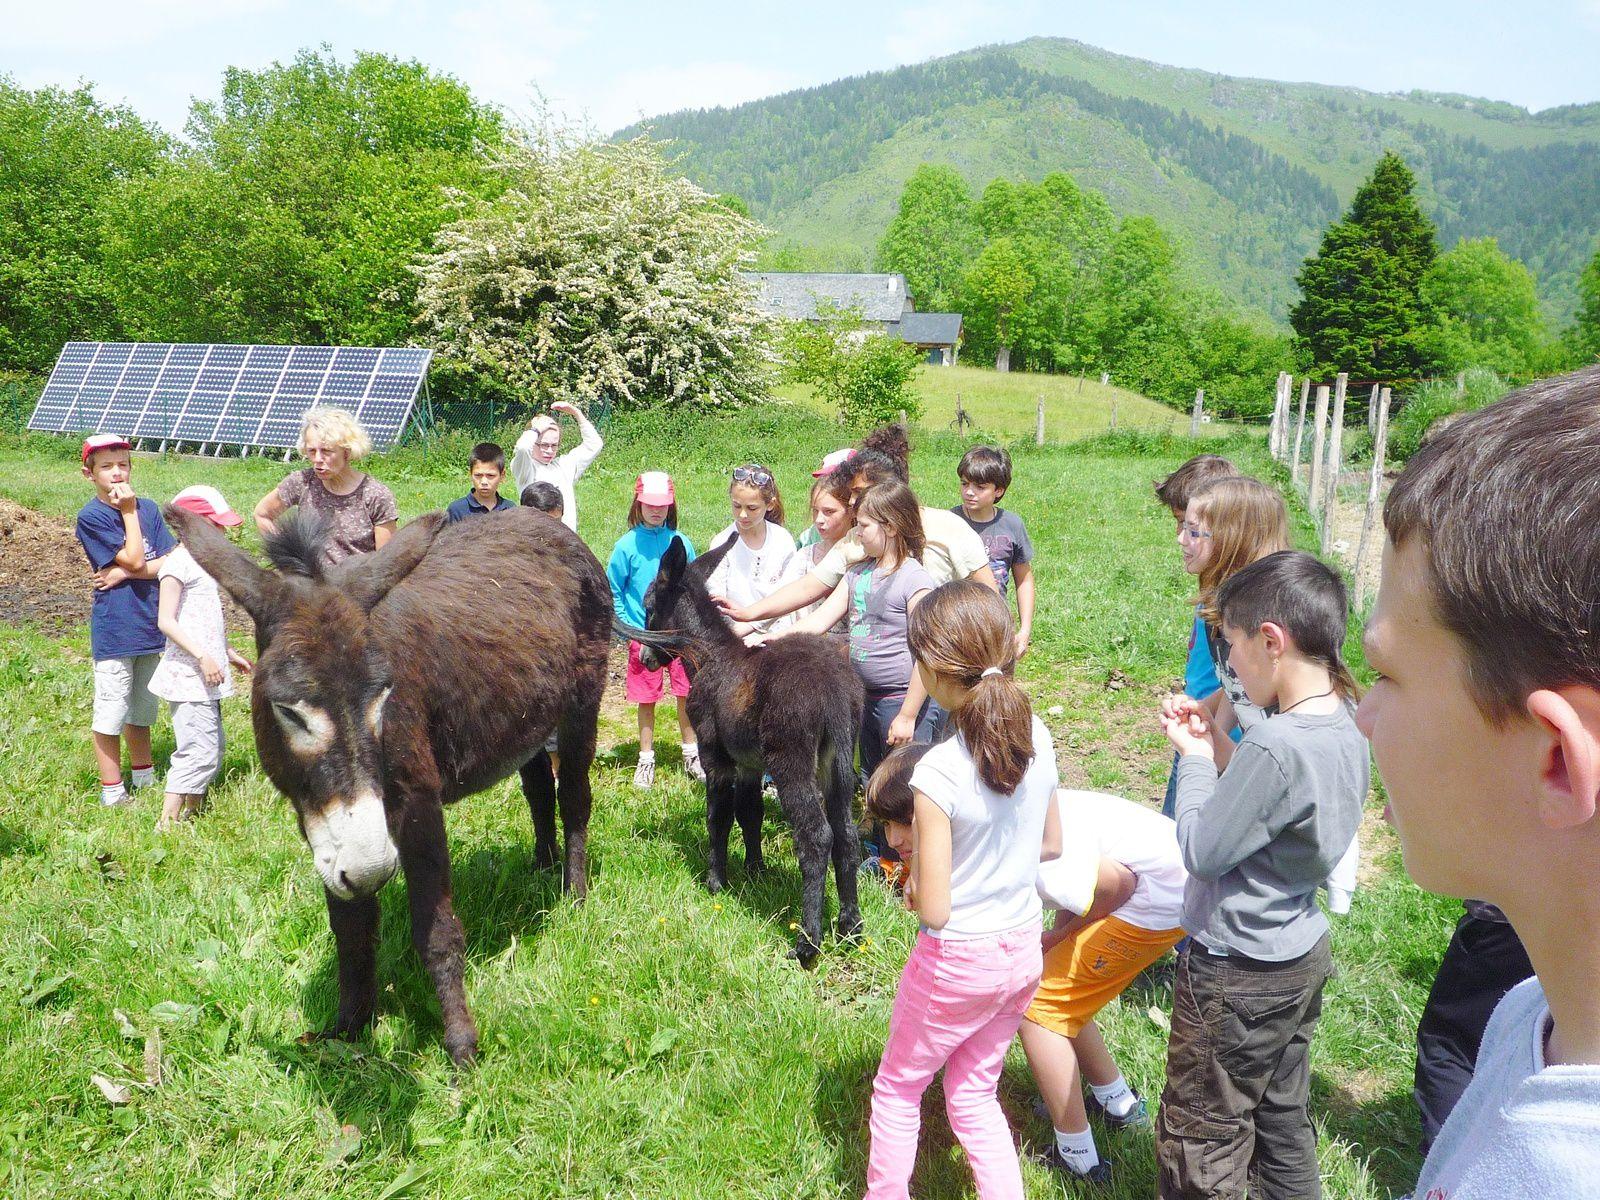 On va voir la petite famille âne qui a un grand rôle pour ... (incroyable !) protéger le troupeau de l'ours ! Et nous, on craque pour l'ânon !